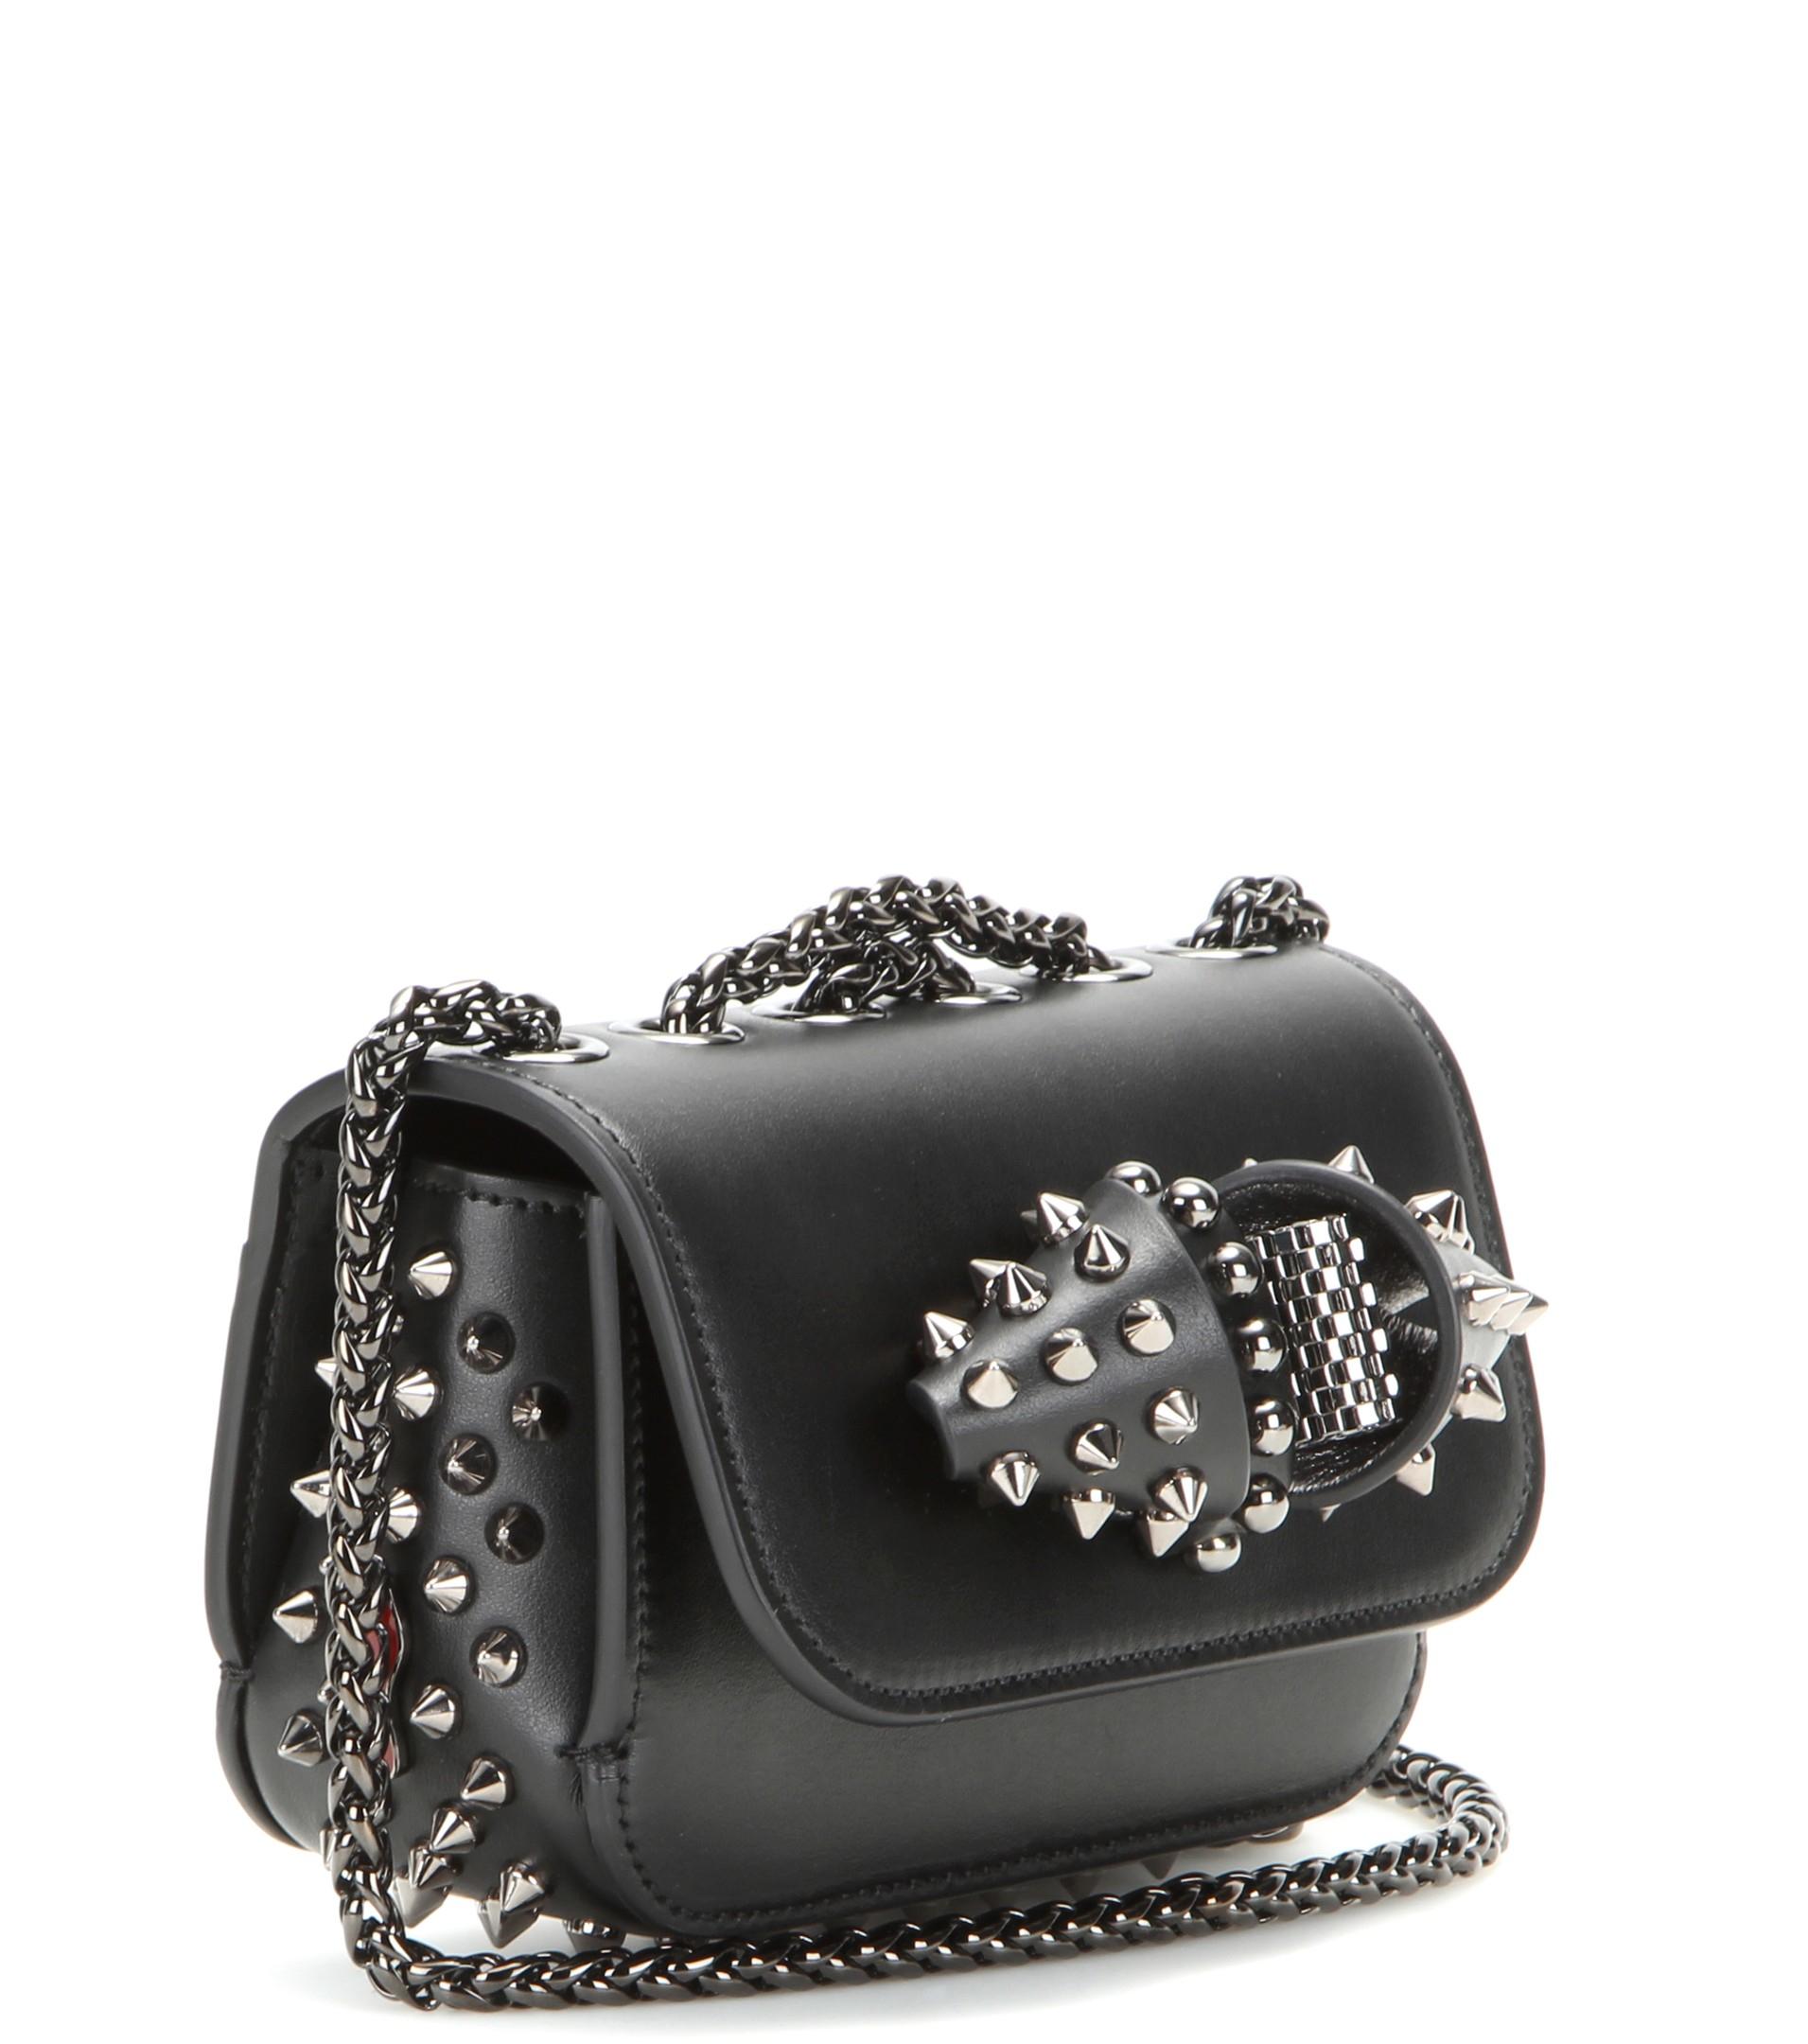 Louboutin Handbags Uk